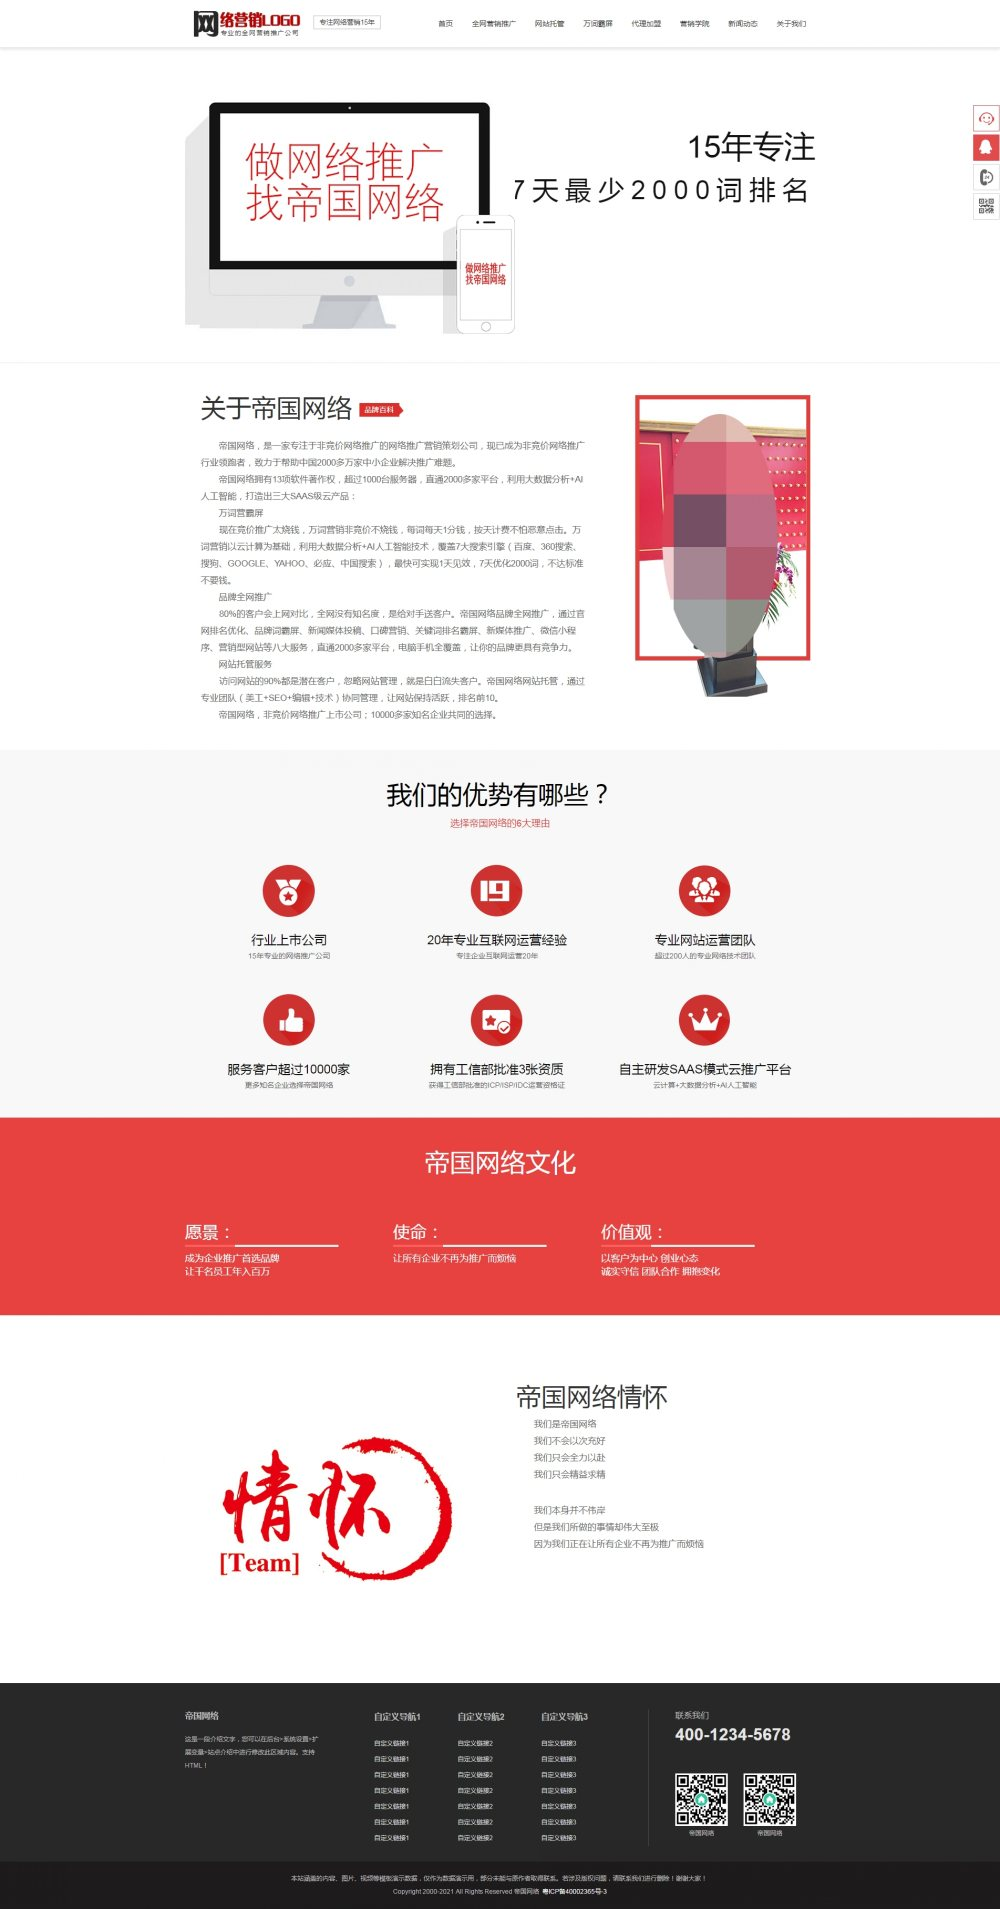 [DG-0184]帝国cms高端网络推广公司网站模板,网络营销策划广告推广公司网站模板(带PC+移动端同步生成插件、独立手机端) 企业模板 第8张